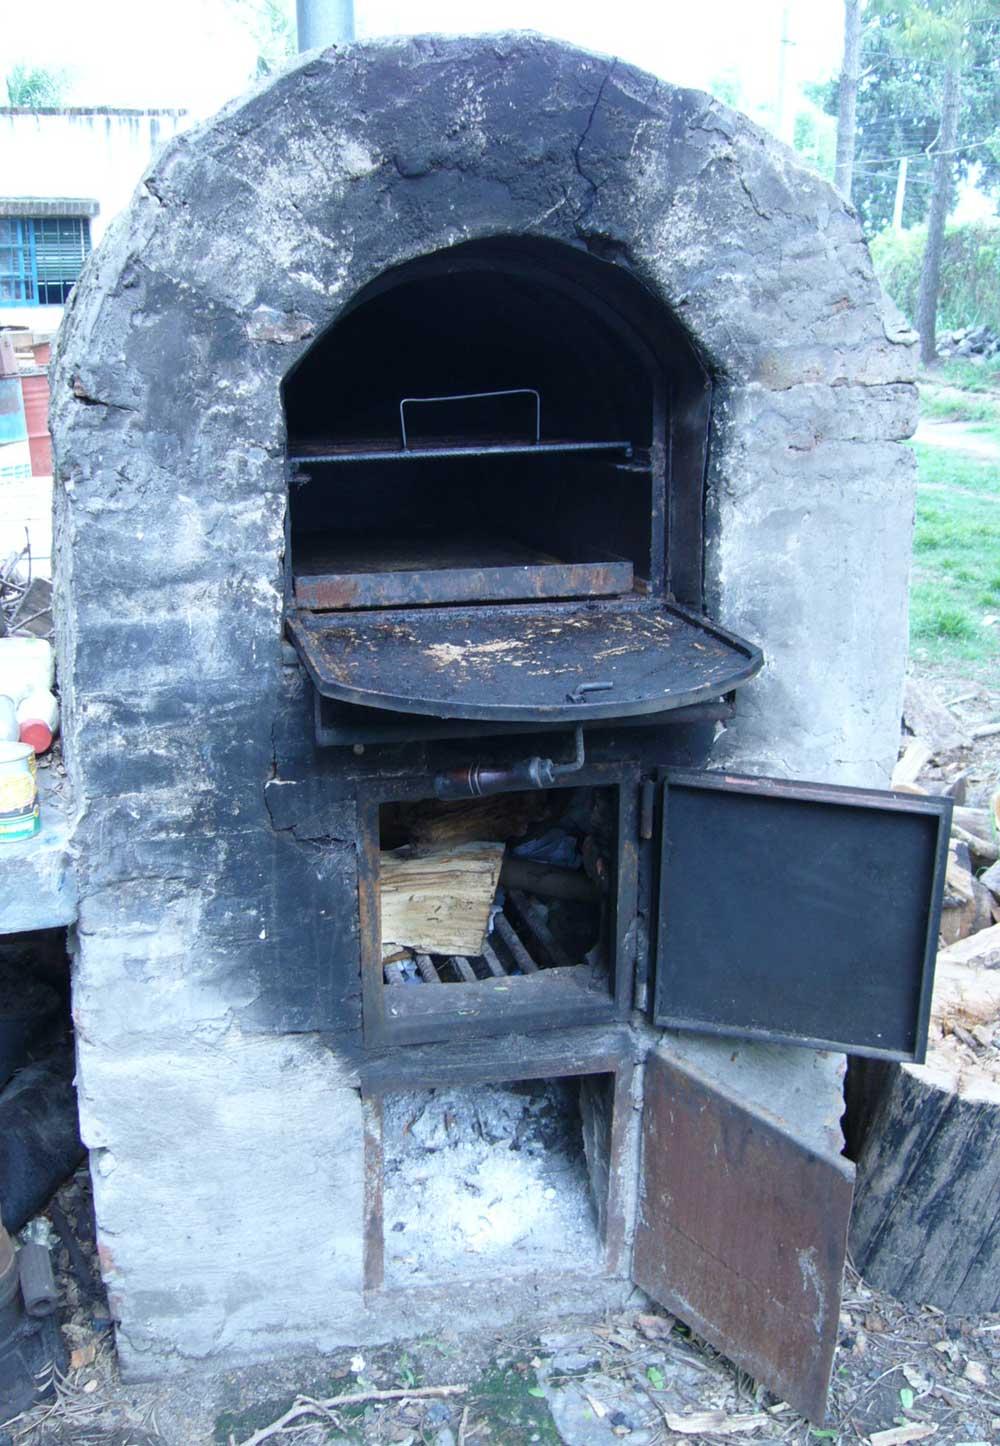 Horno de piedra casero horno de barbacoa y horno de - Horno de piedra casero ...